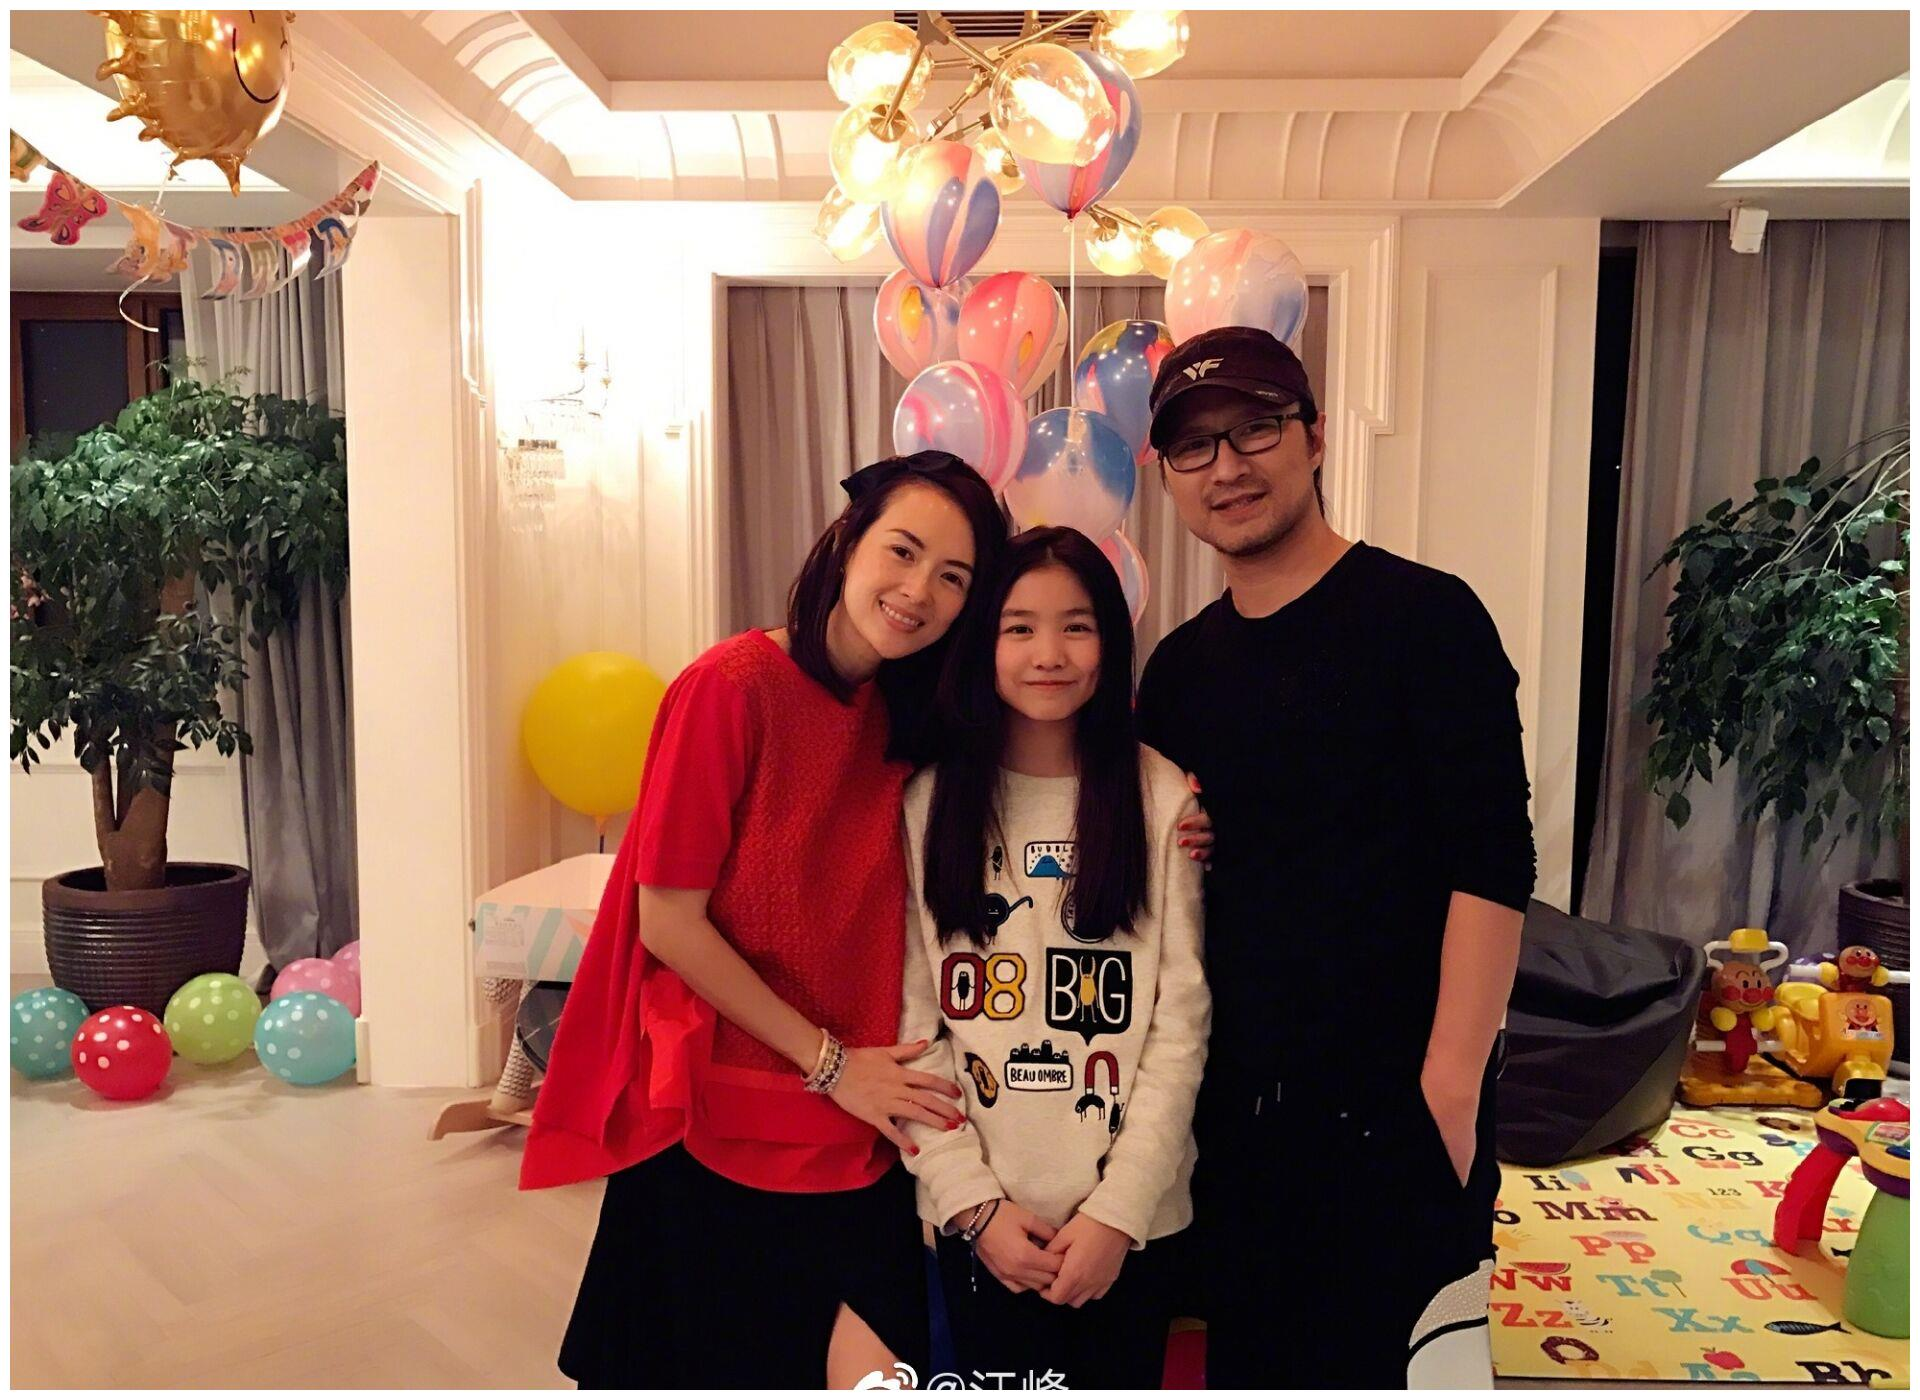 汪峰前妻近照曝光,40岁颜值不输章子怡,离婚近7年独自抚养女儿